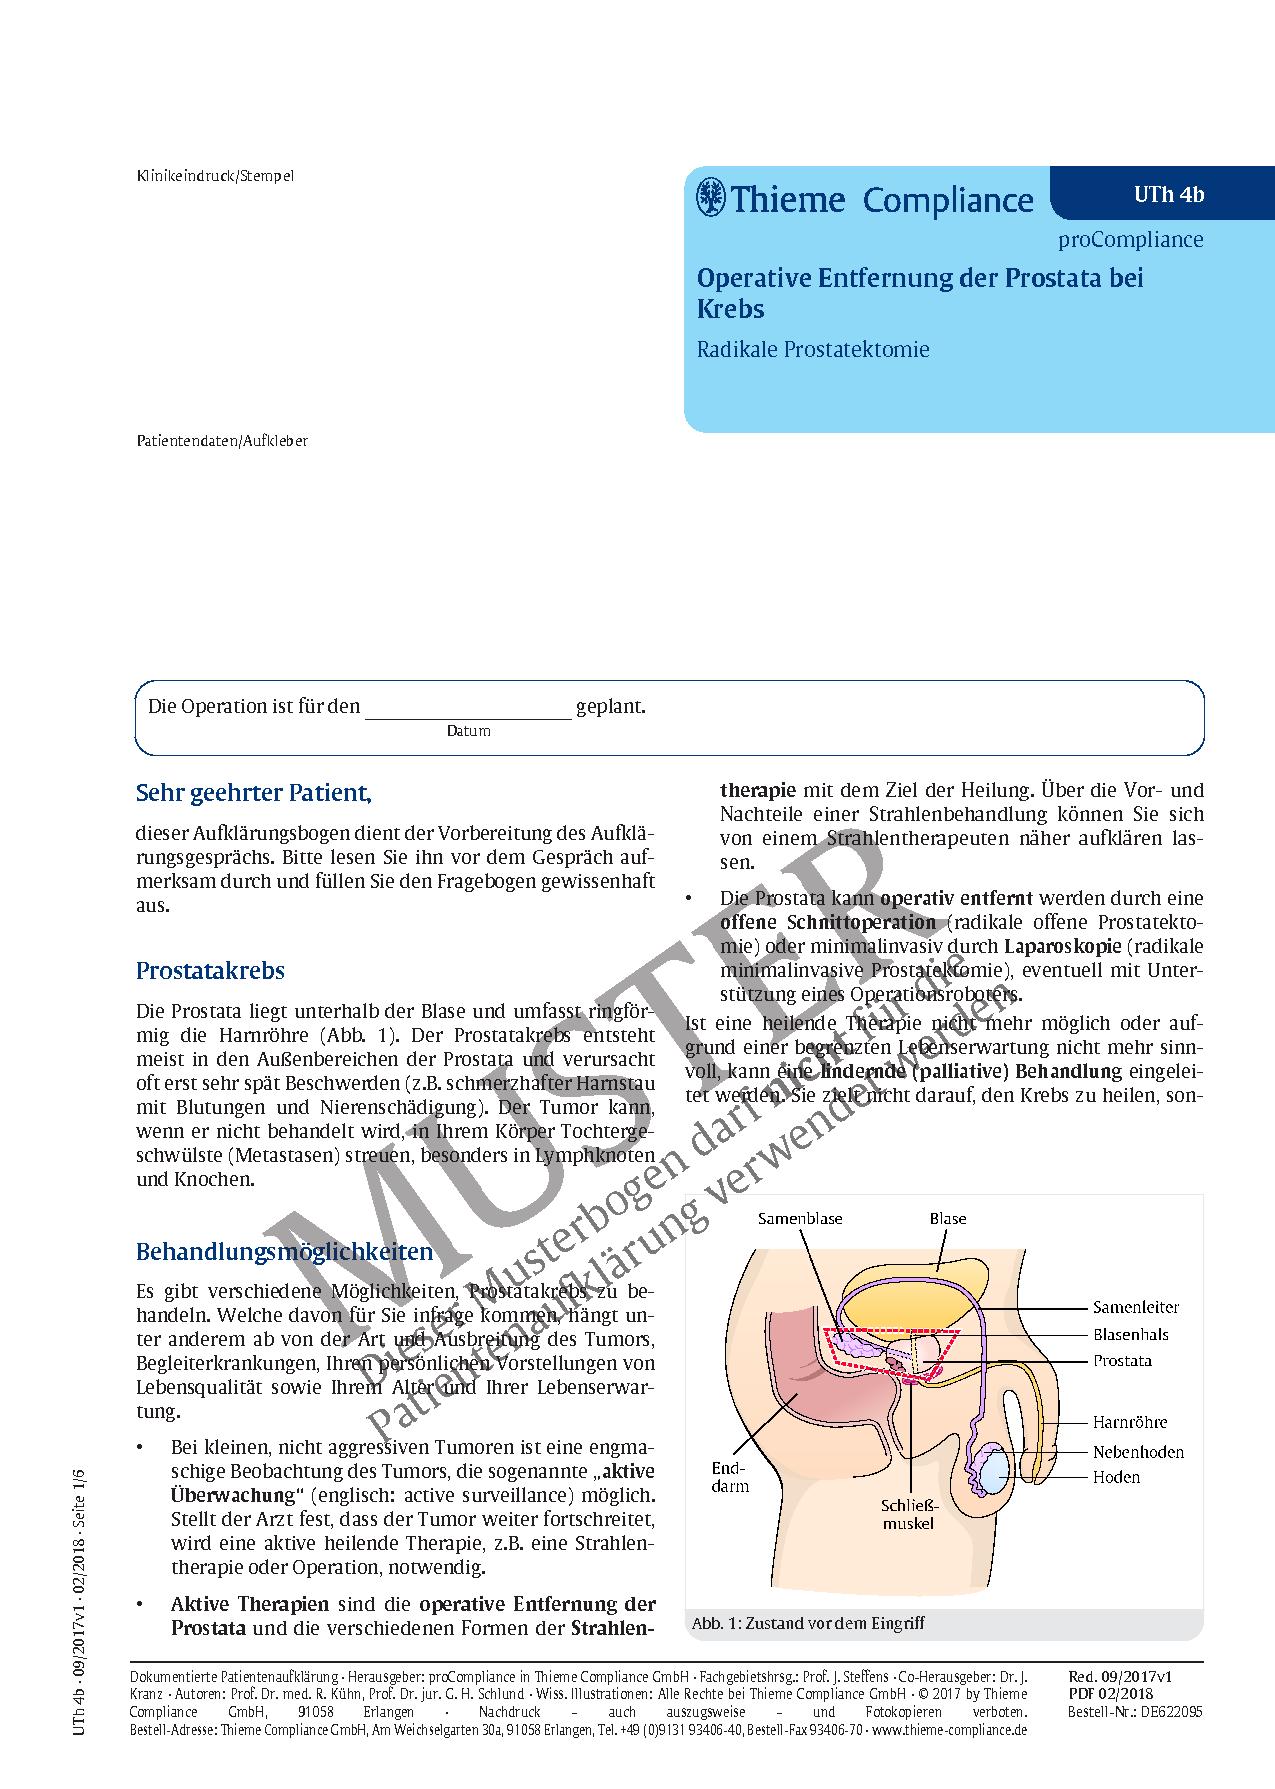 Großartig Lage Der Prostata Fotos - Anatomie Ideen - finotti.info